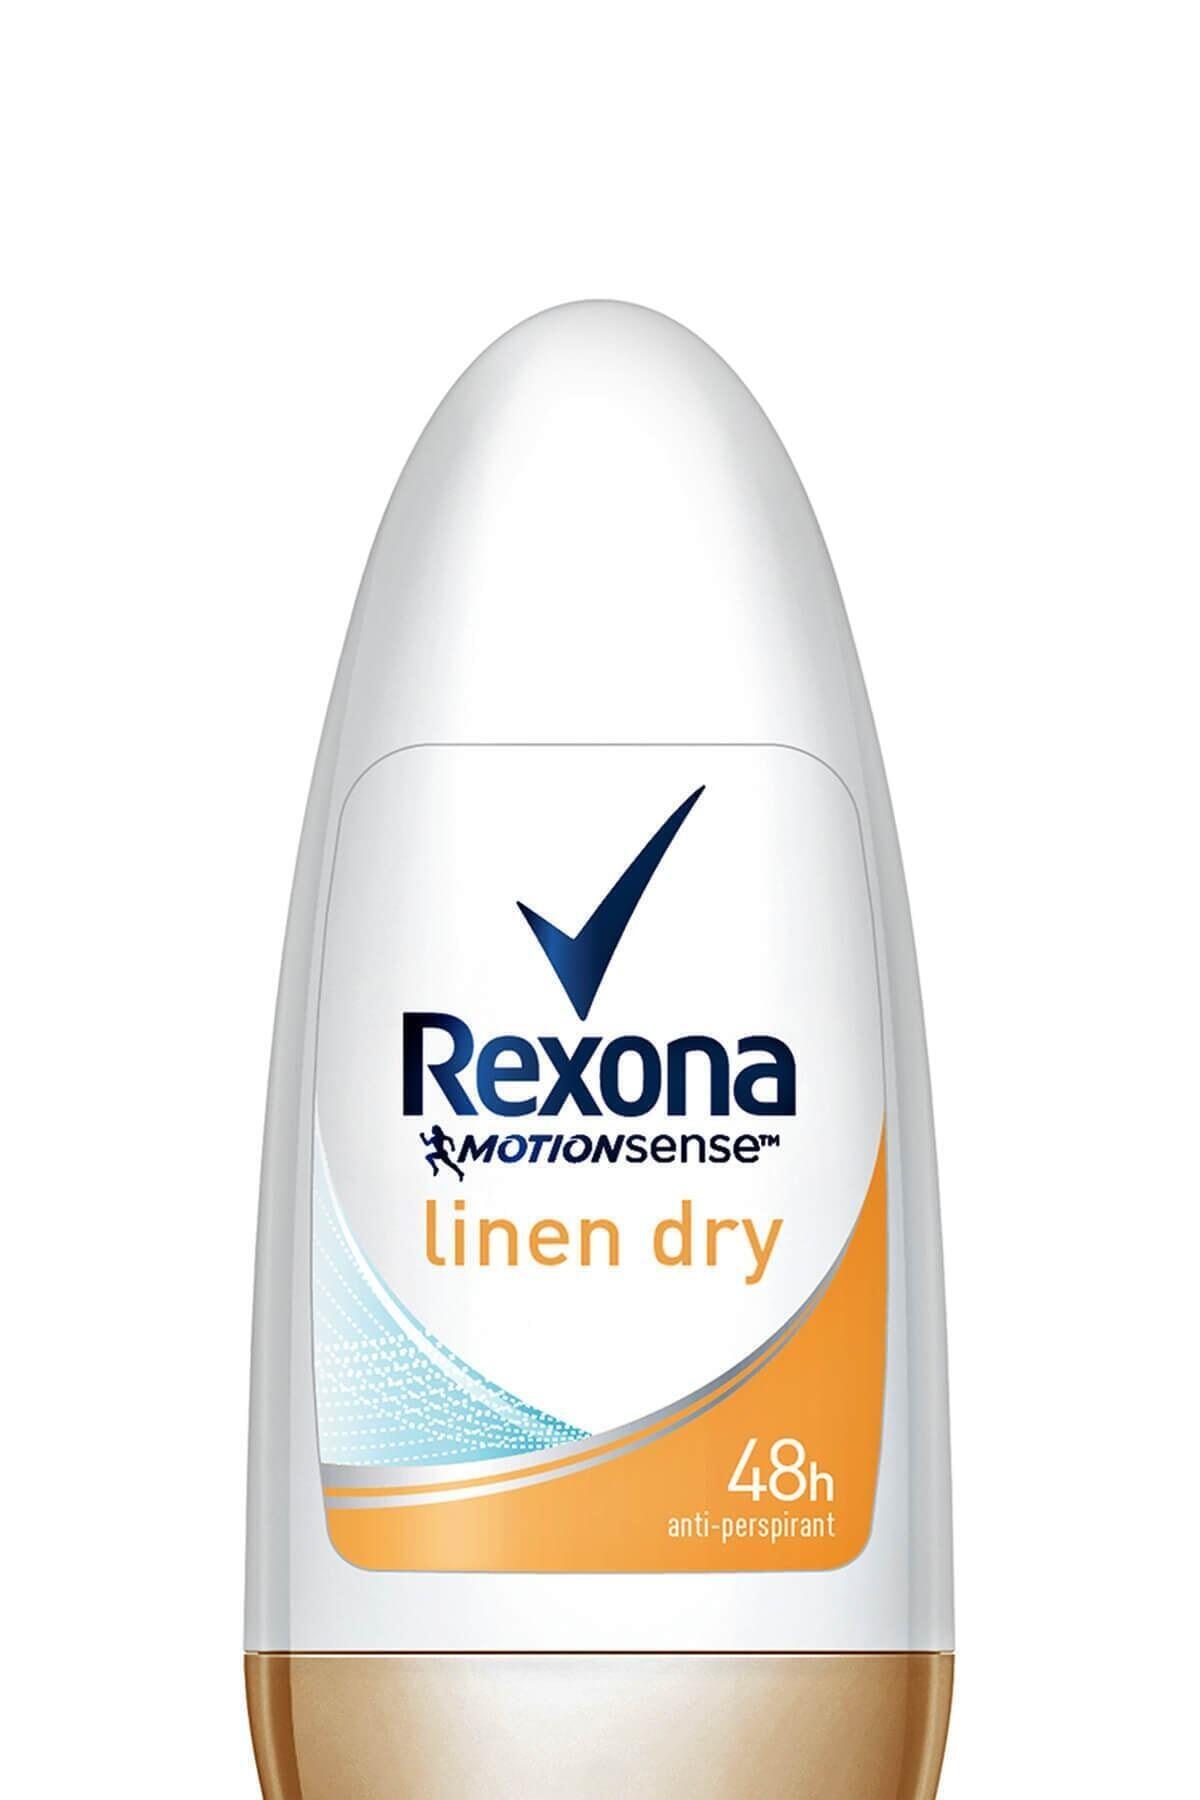 Rexona Kadın Linen Dry Deodorant Rolon 50 ml 1